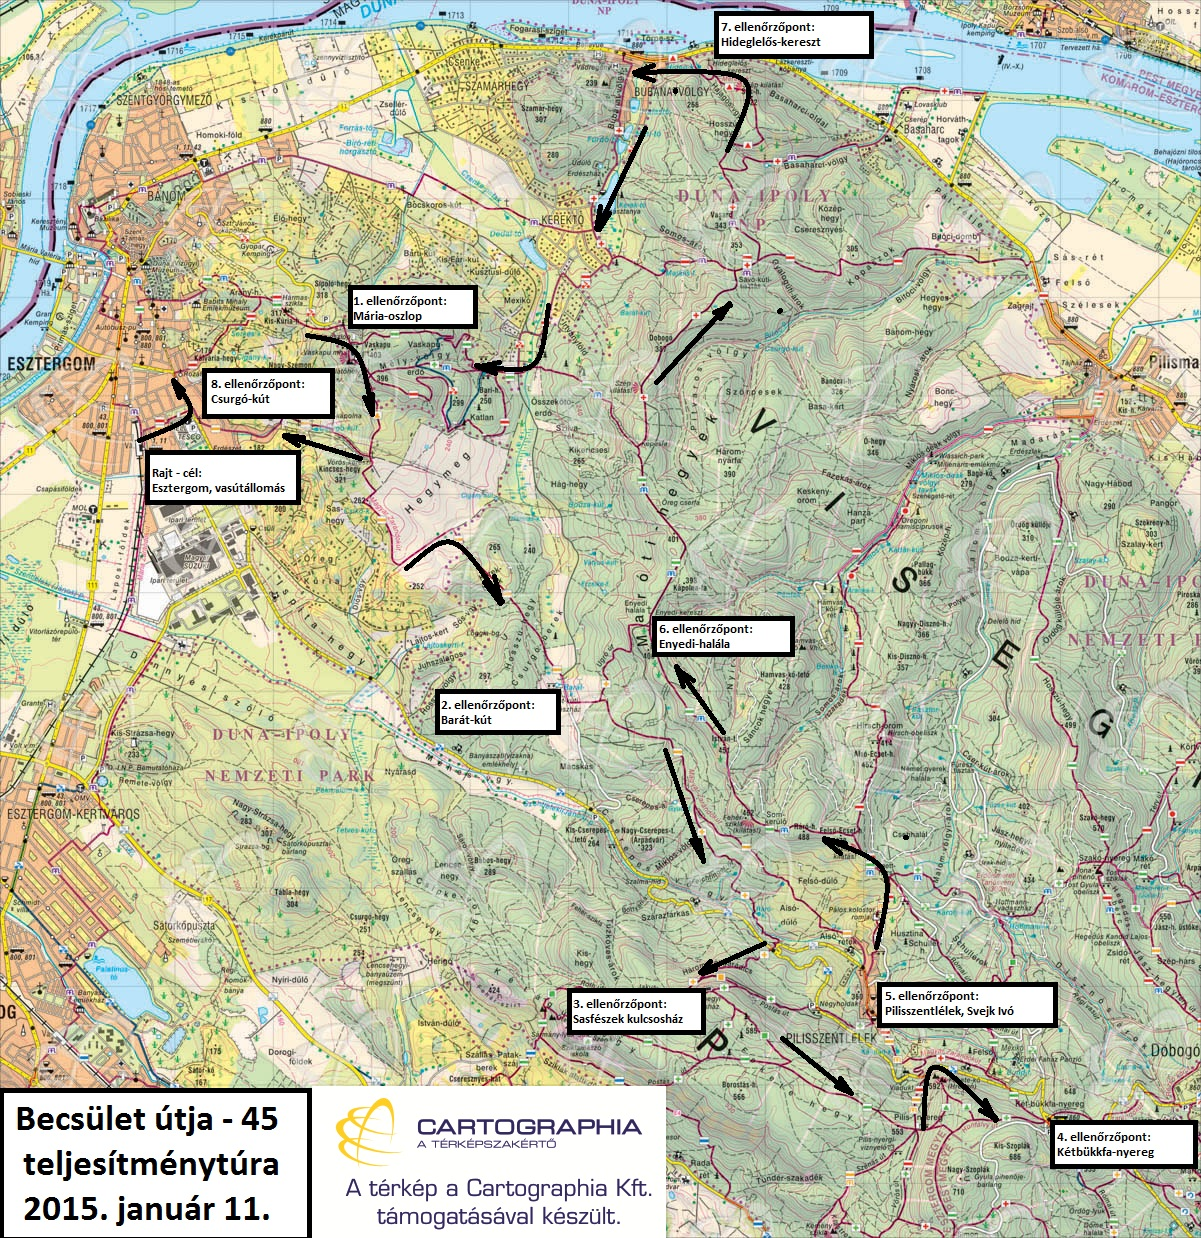 Becsület útja 45 térképvázlat